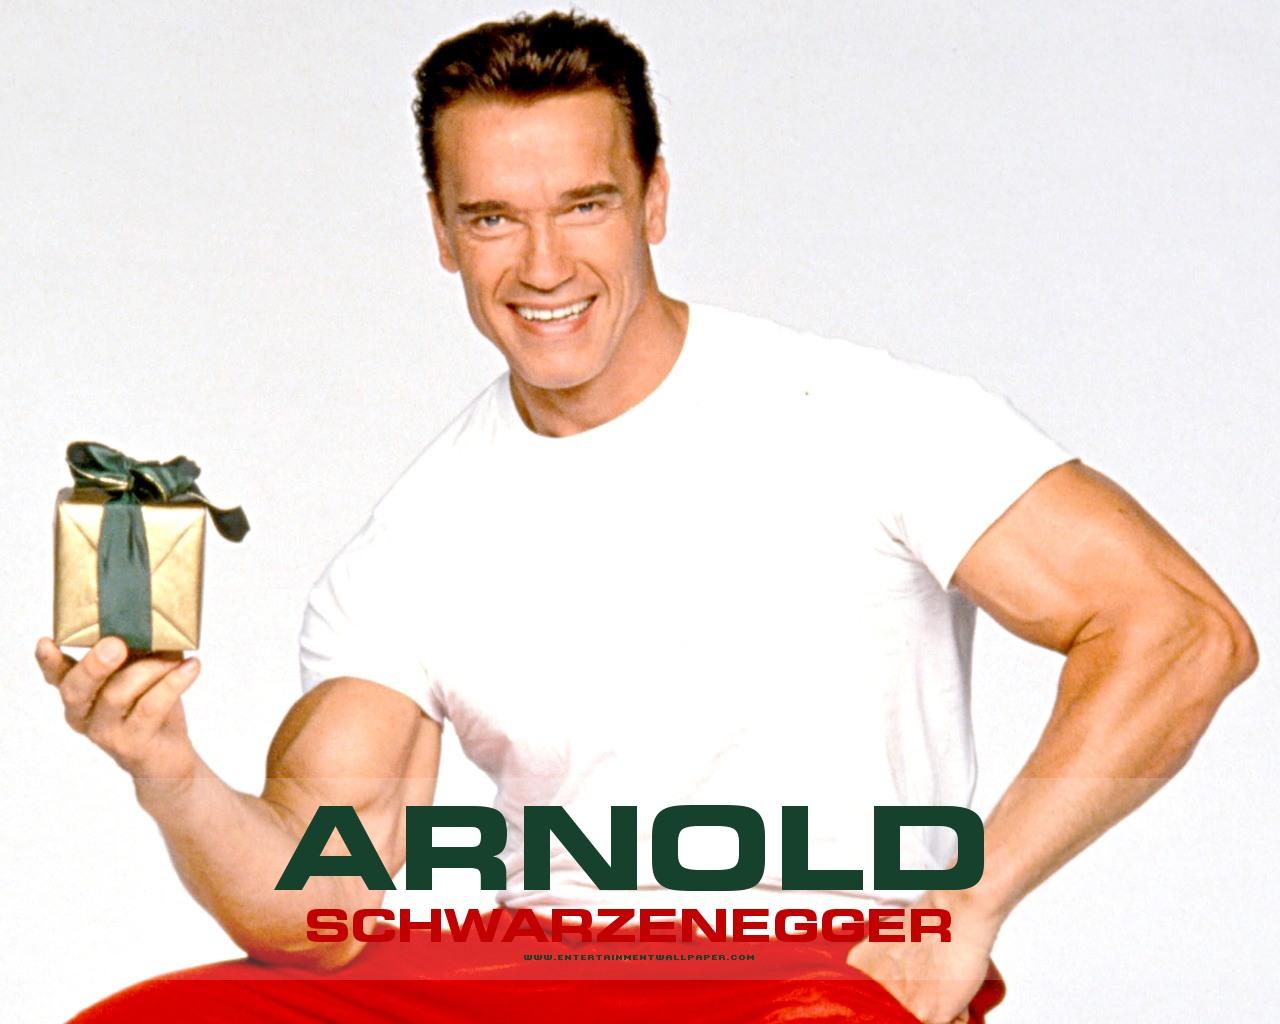 http://2.bp.blogspot.com/-q-D1a9Kl2Rc/T7eKbwOLP1I/AAAAAAAAEew/_nViVmcI-qs/s1600/Arnold+Schwarzenegger+new+pic+2012+06.jpg